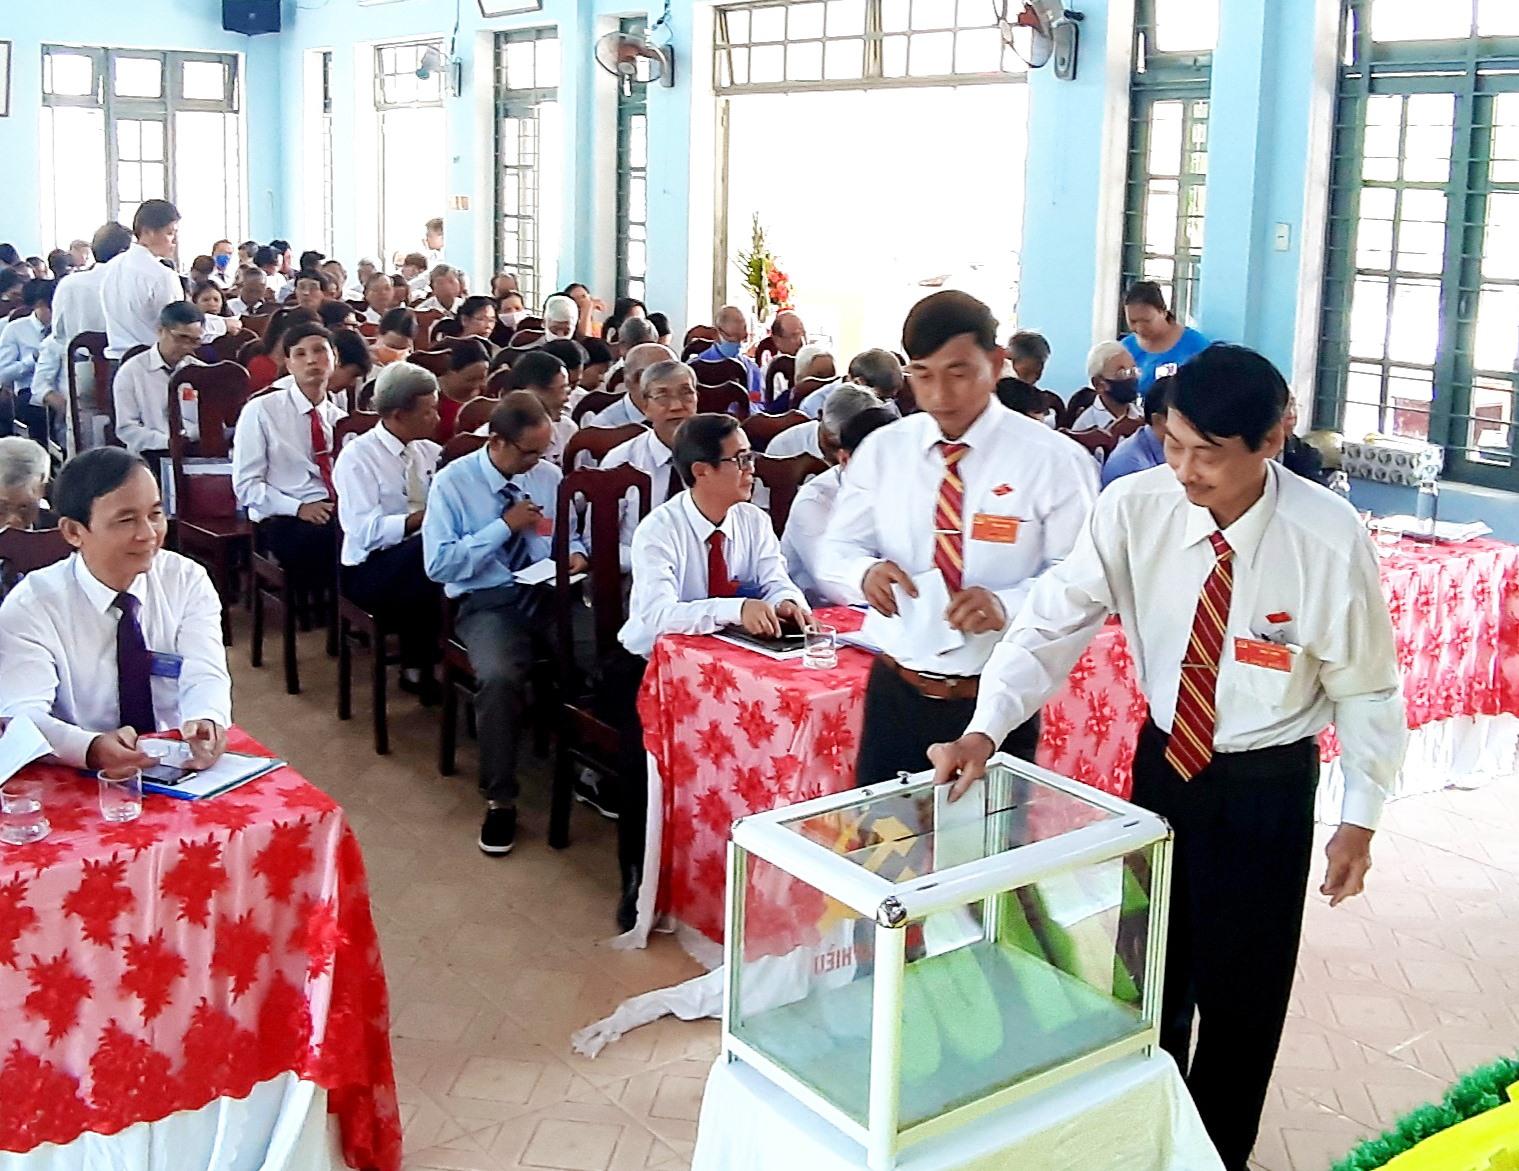 Bầu cử Ban Chấp hành Đảng bộ xã Duy Trinh (Duy Xuyên) nhiệm kỳ 2020 - 2025. Ảnh: HOÀI NHI